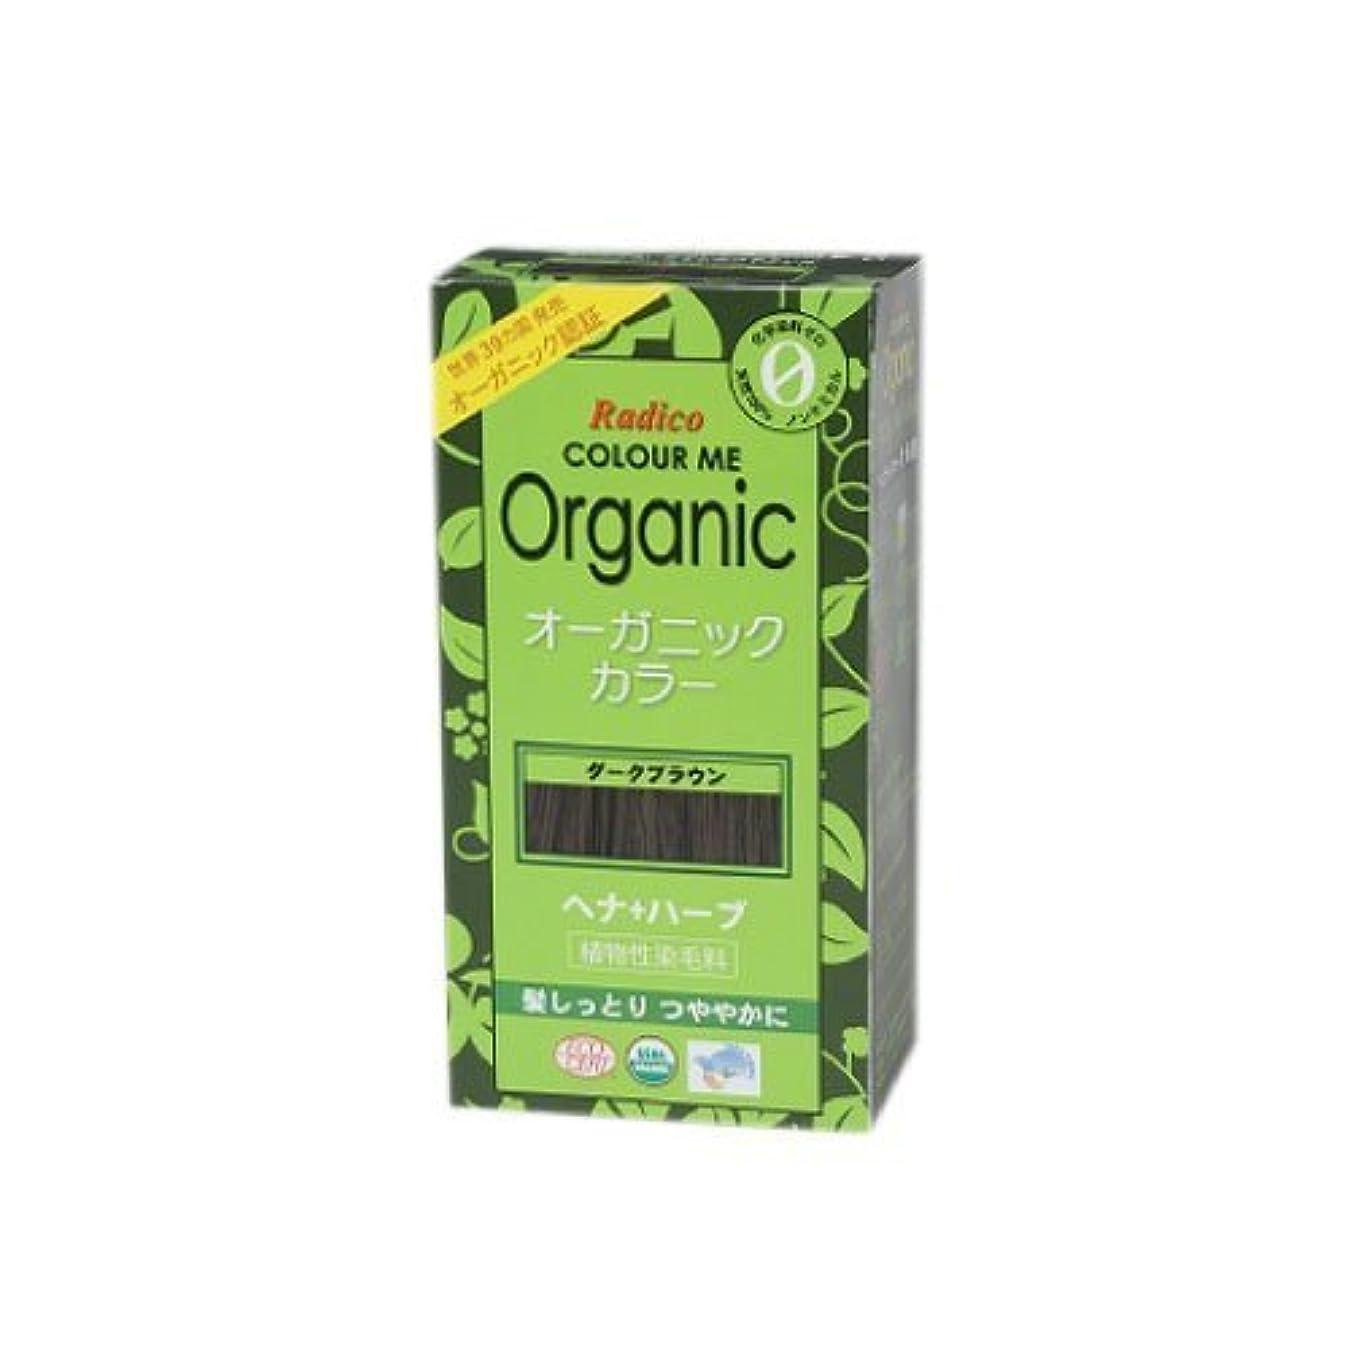 ダース判読できないサーバントCOLOURME Organic (カラーミーオーガニック ヘナ 白髪用) ダークブラウン 100g